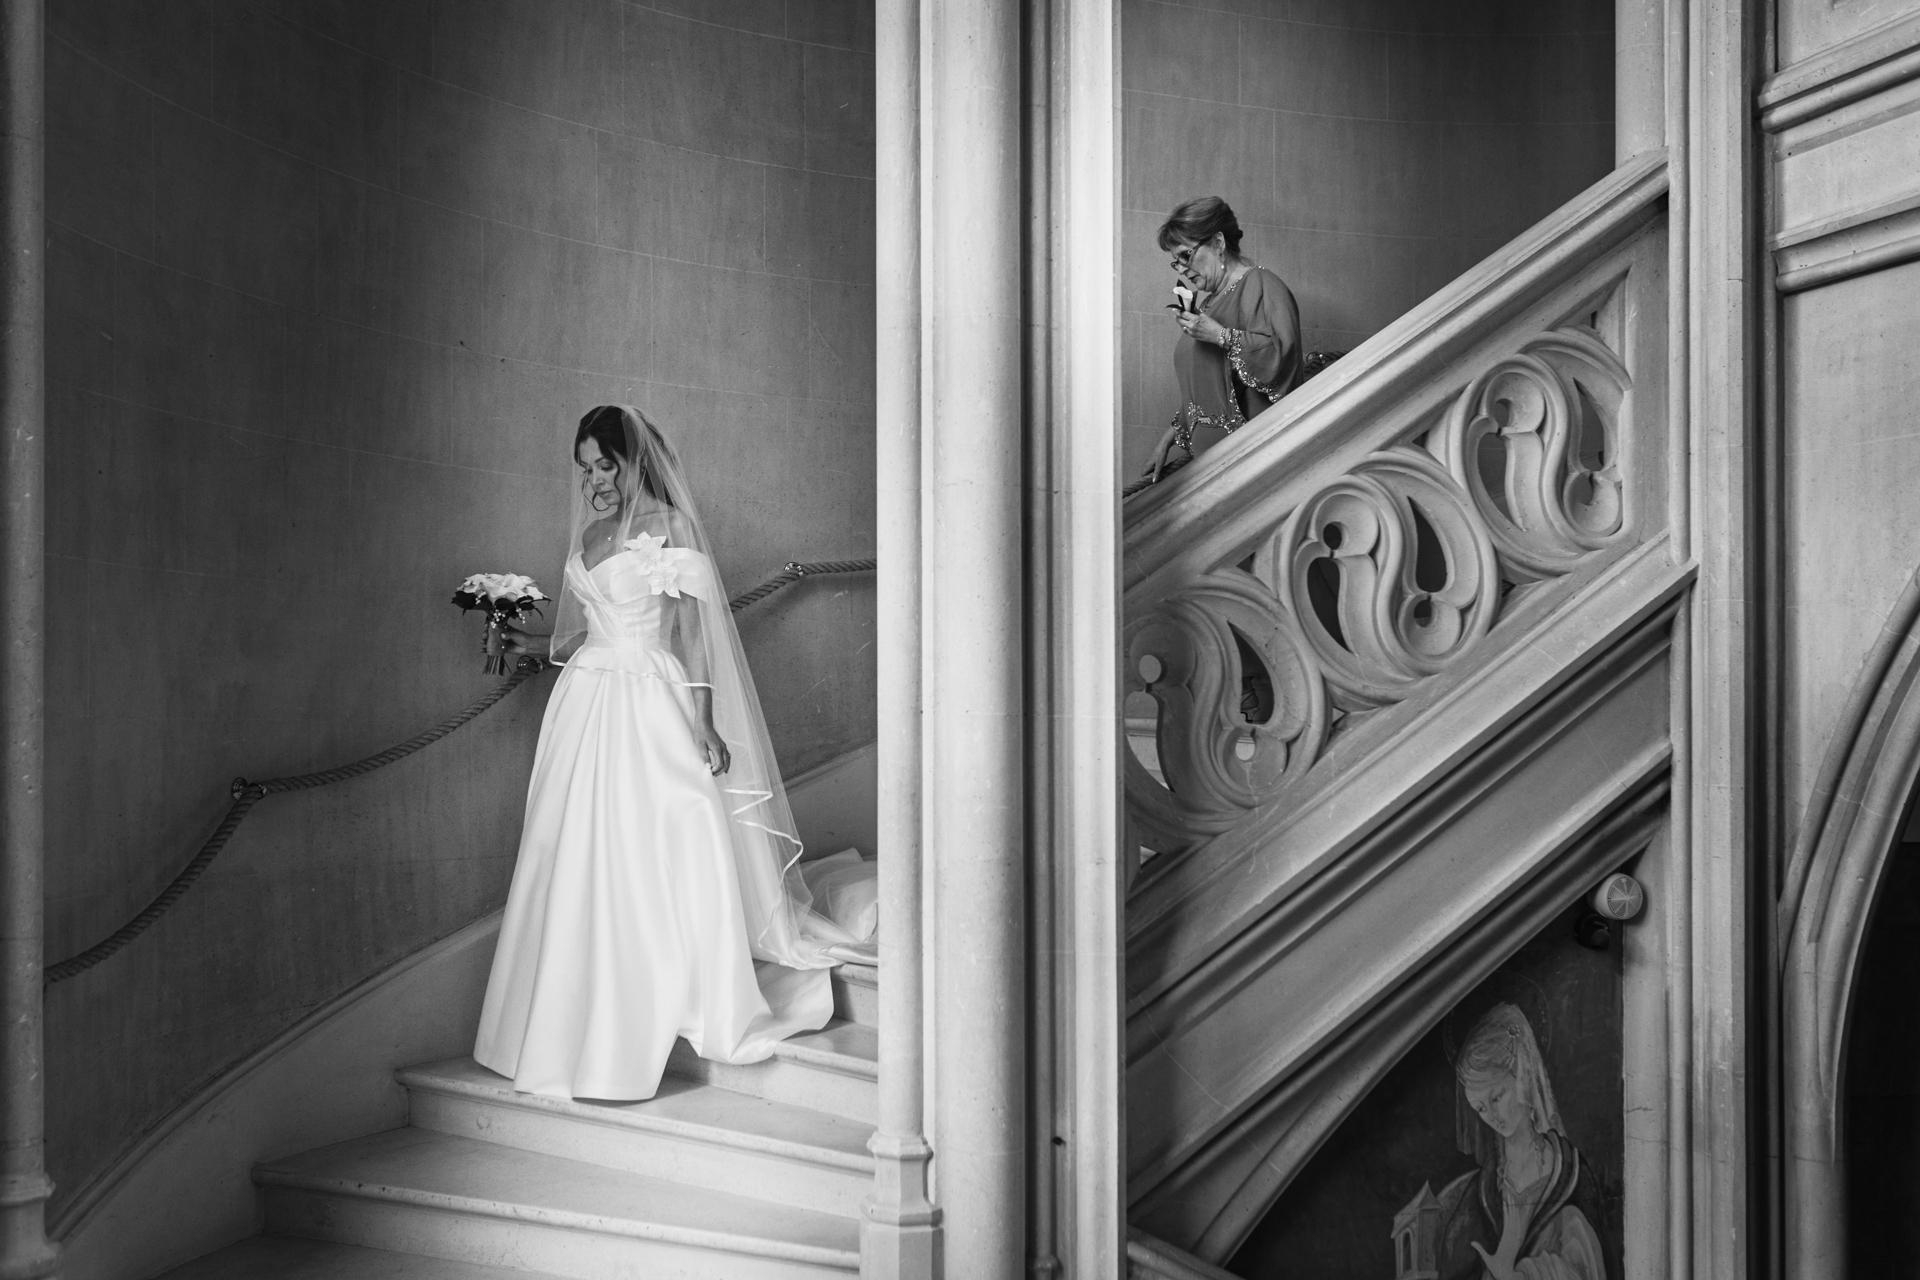 Frankreich Elopement Bild | Die Braut geht in ihrem Hochzeitskleid eine schöne Steintreppe hinunter, während sie ihren Blumenstrauß in einer Hand hält